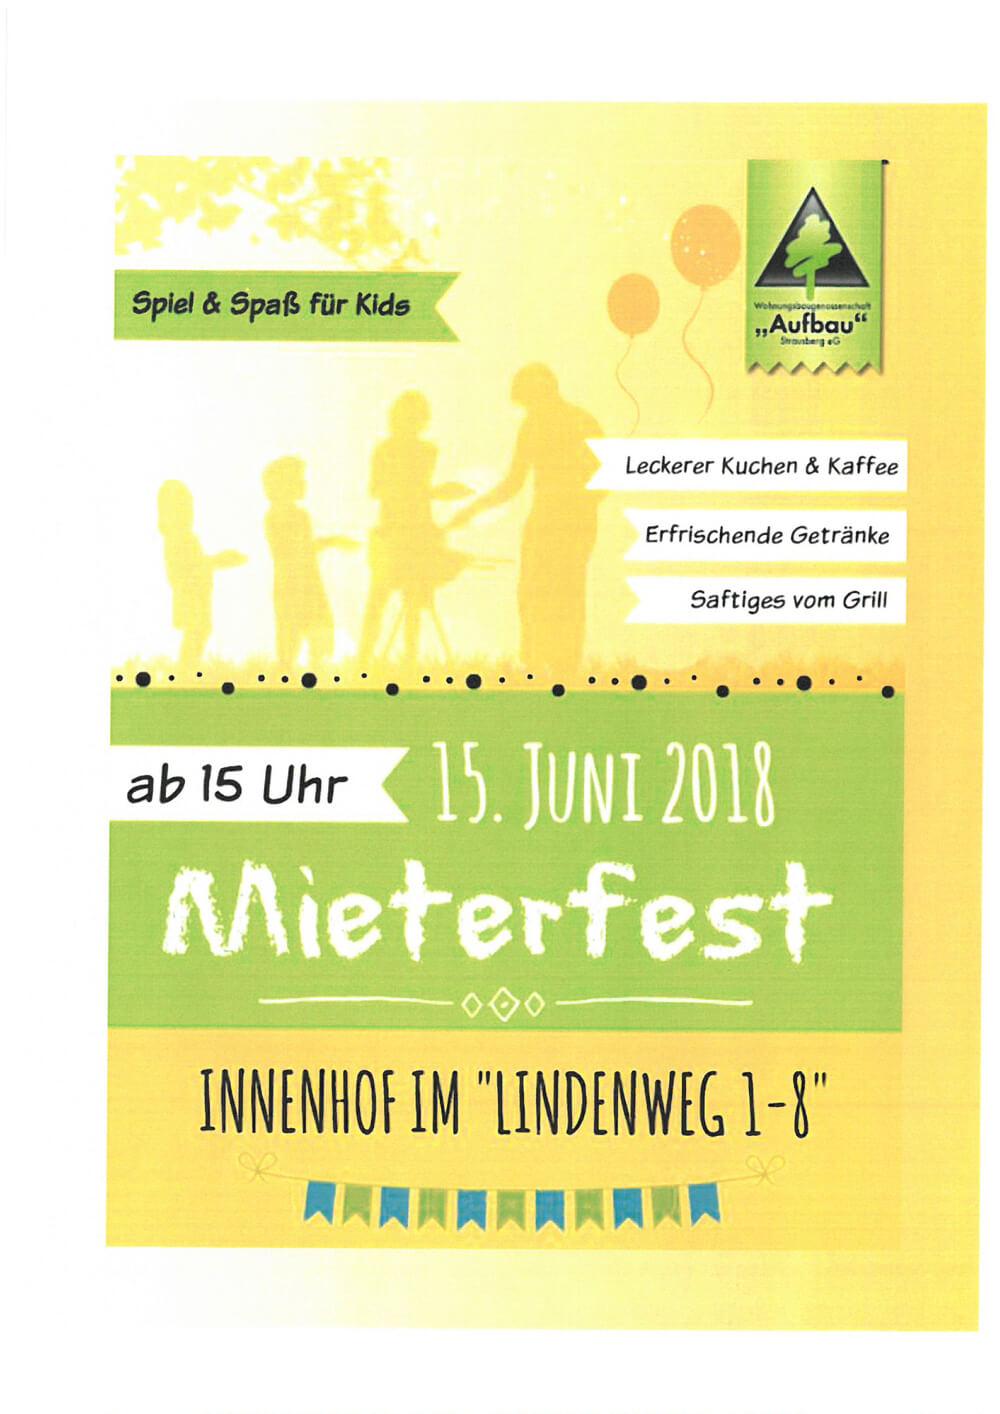 Plakat zum Mieterfest in Hennickendorf